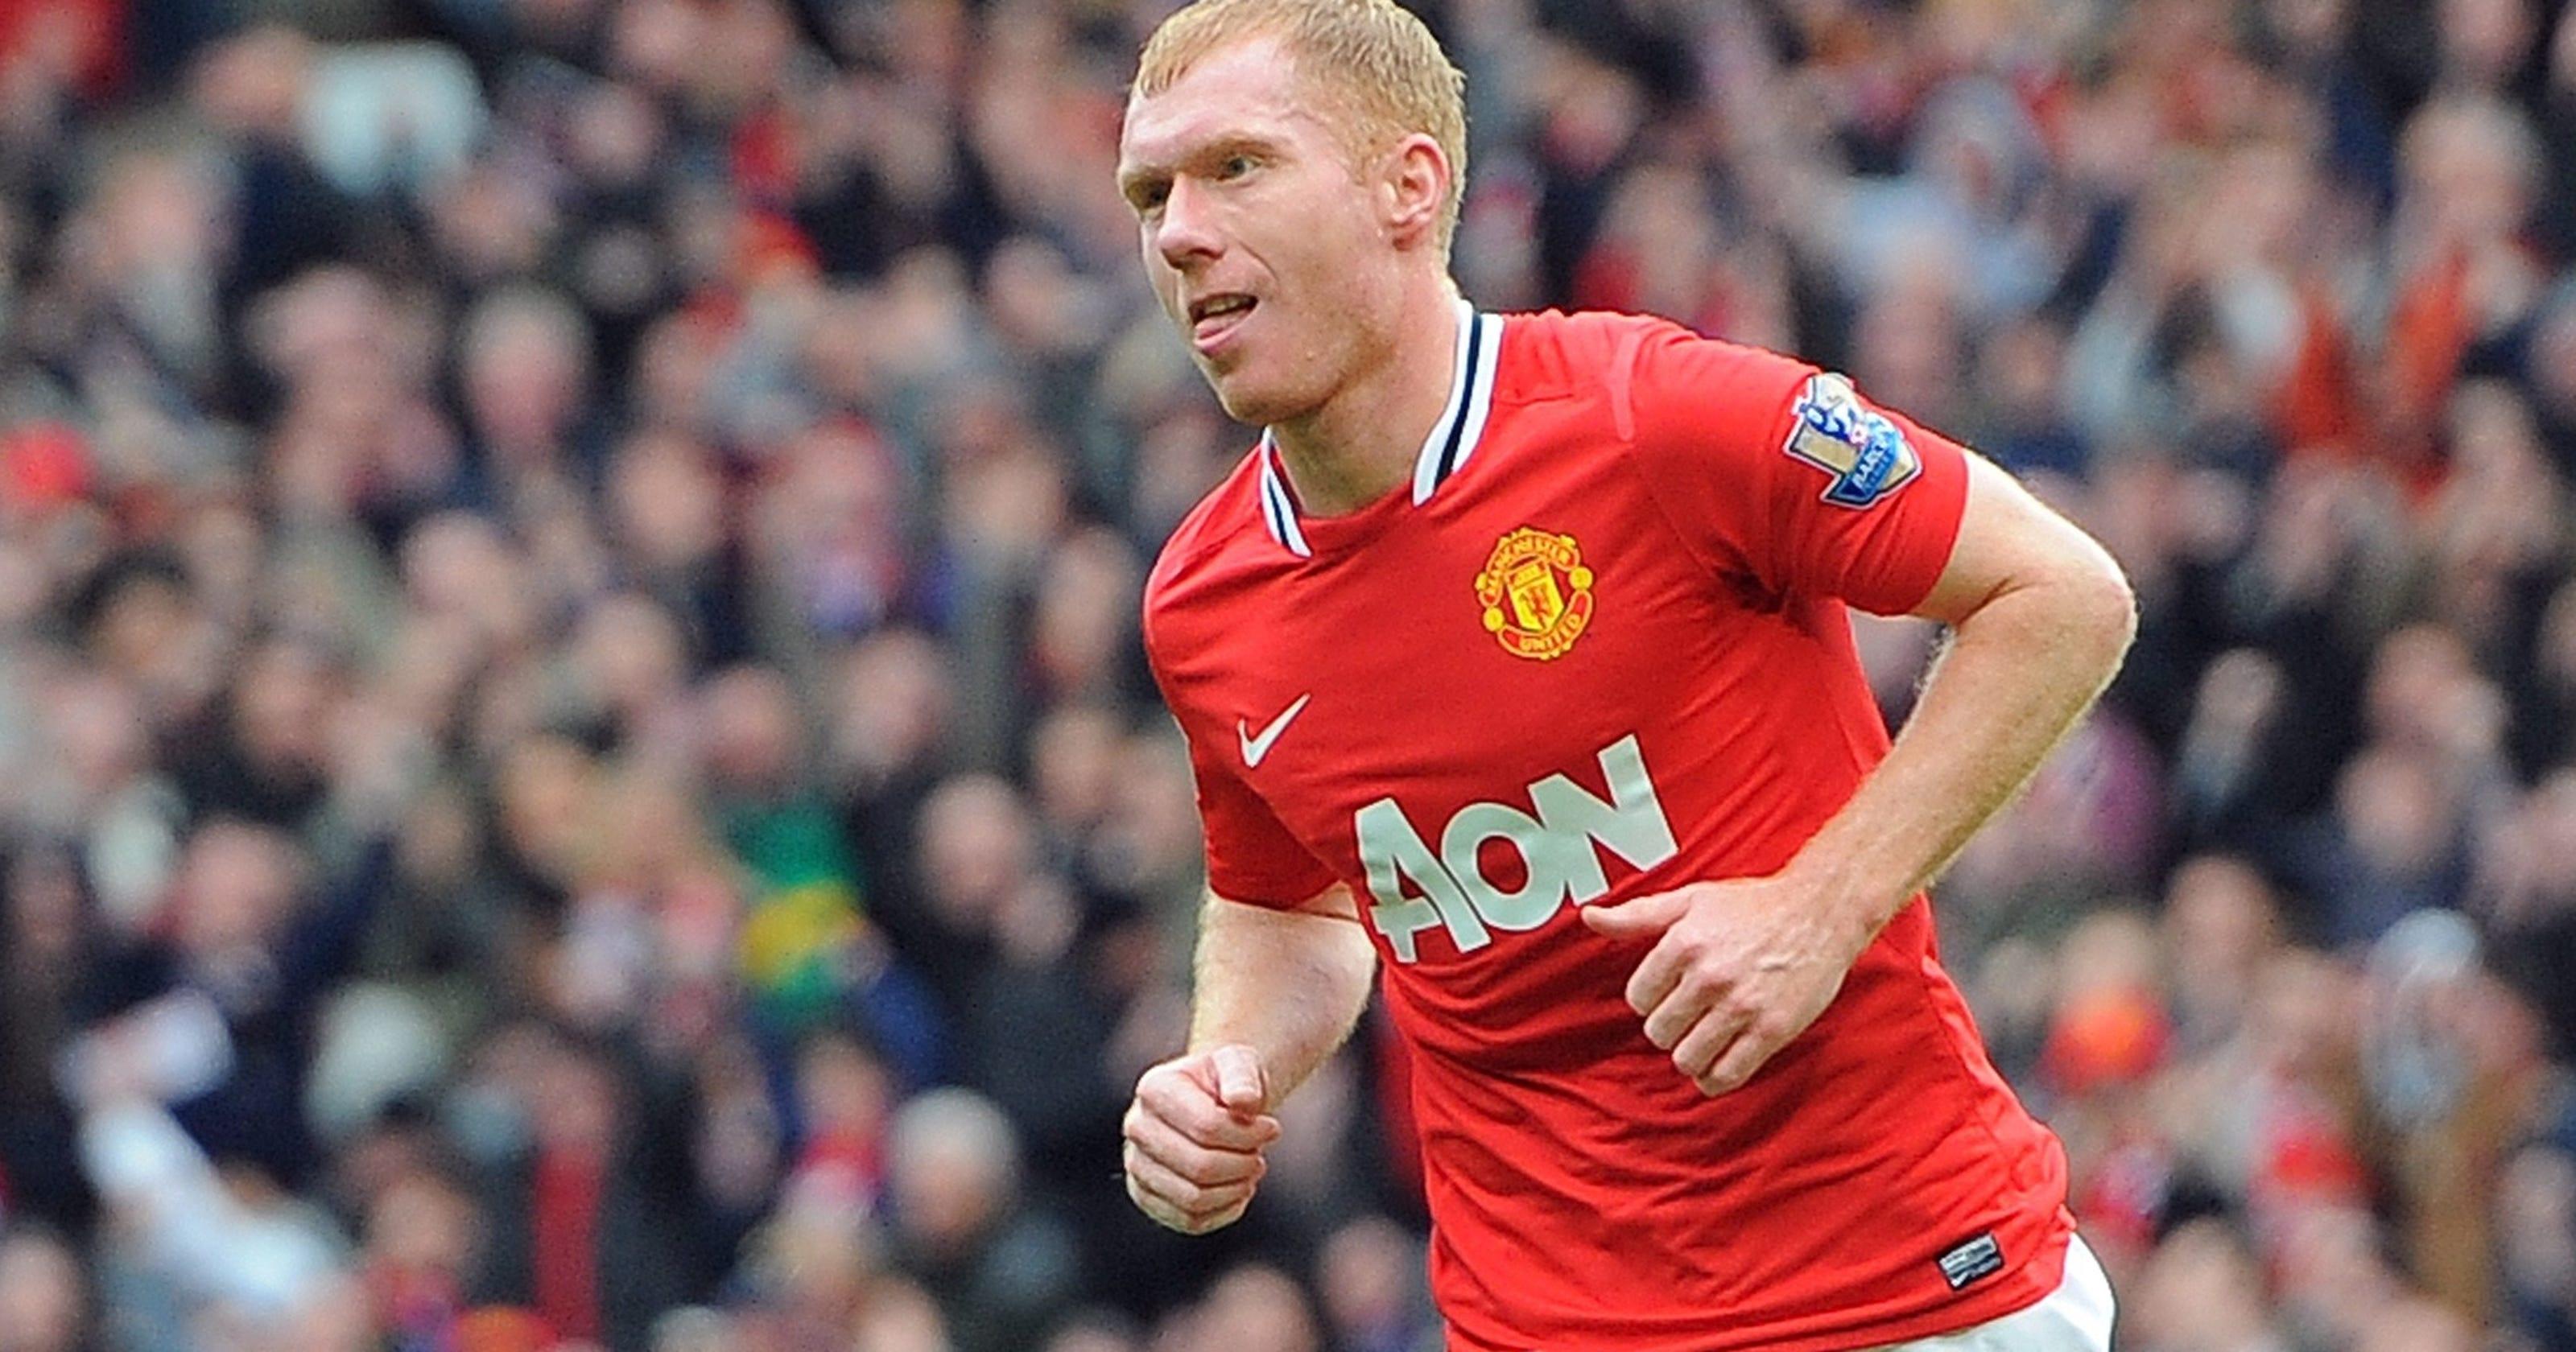 a599bbb59 Manchester United s Paul Scholes announces retirement